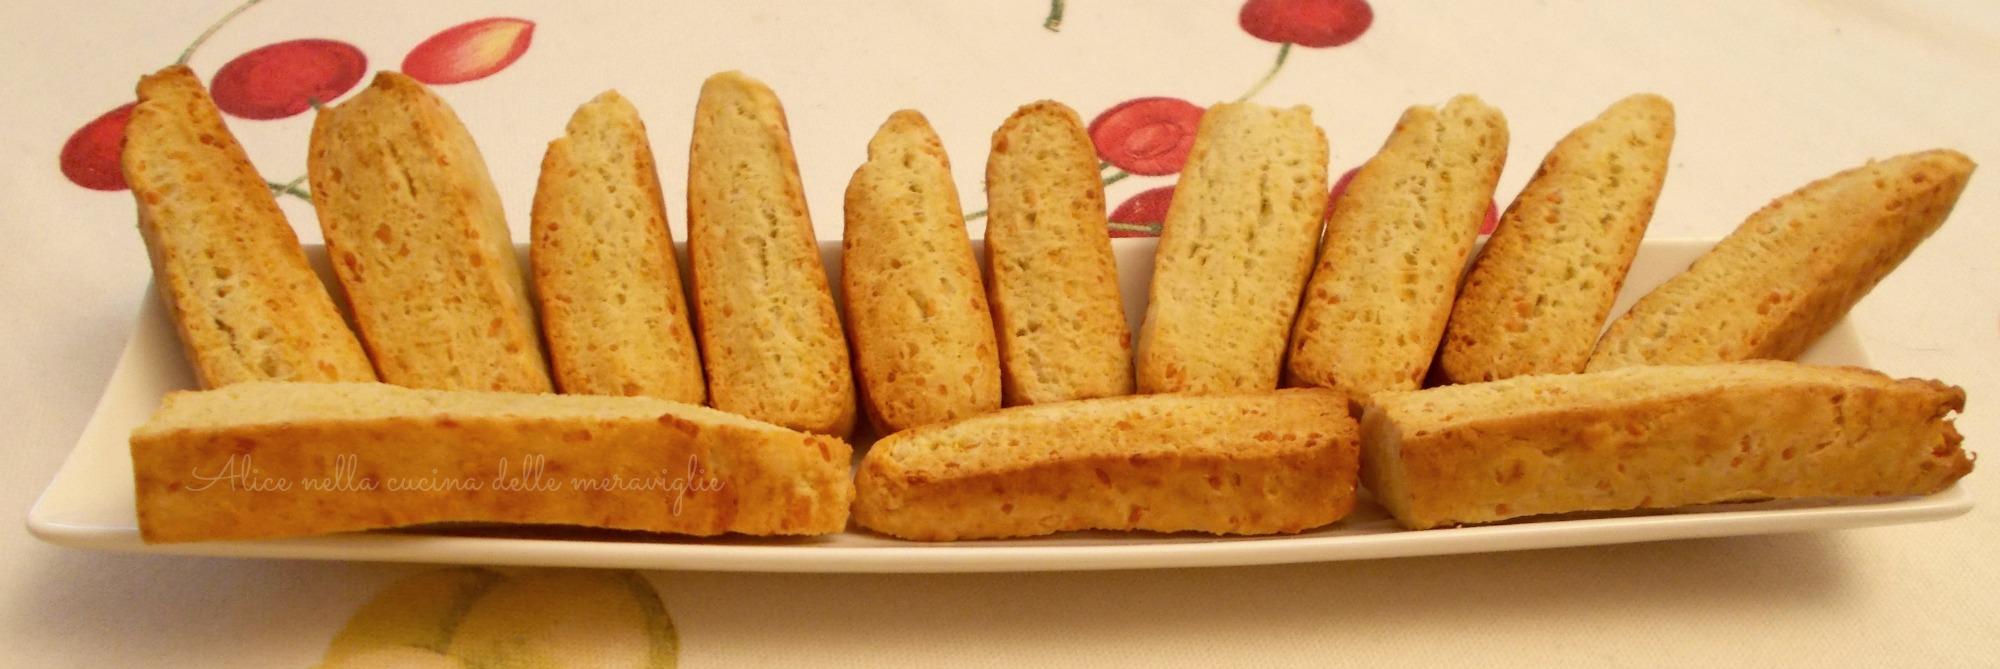 Bastoncini di pane Ricetta antipasto Alice nella cucina delle meraviglie